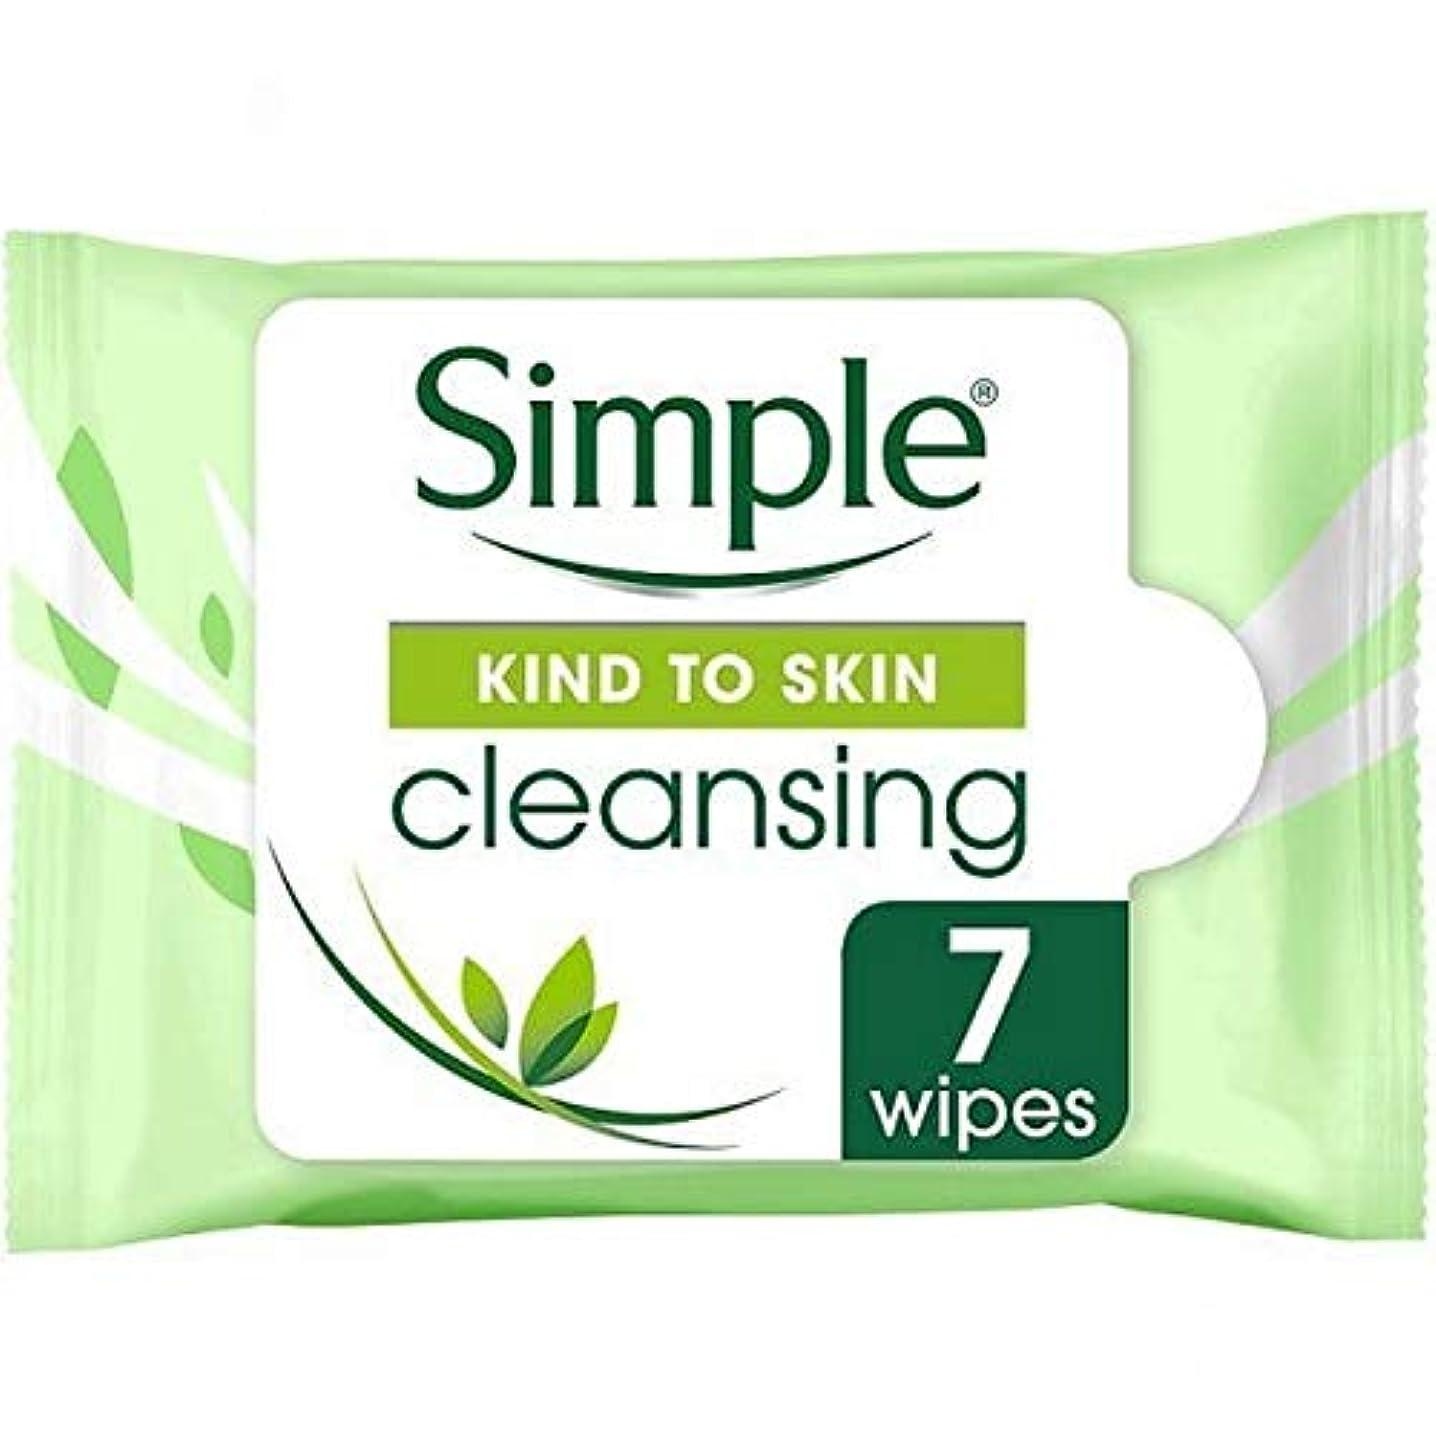 はさみ法律ささやき[Simple ] 顔のワイプの7Sクレンジング肌への単純な種類 - Simple Kind To Skin Cleansing Facial Wipes 7s [並行輸入品]